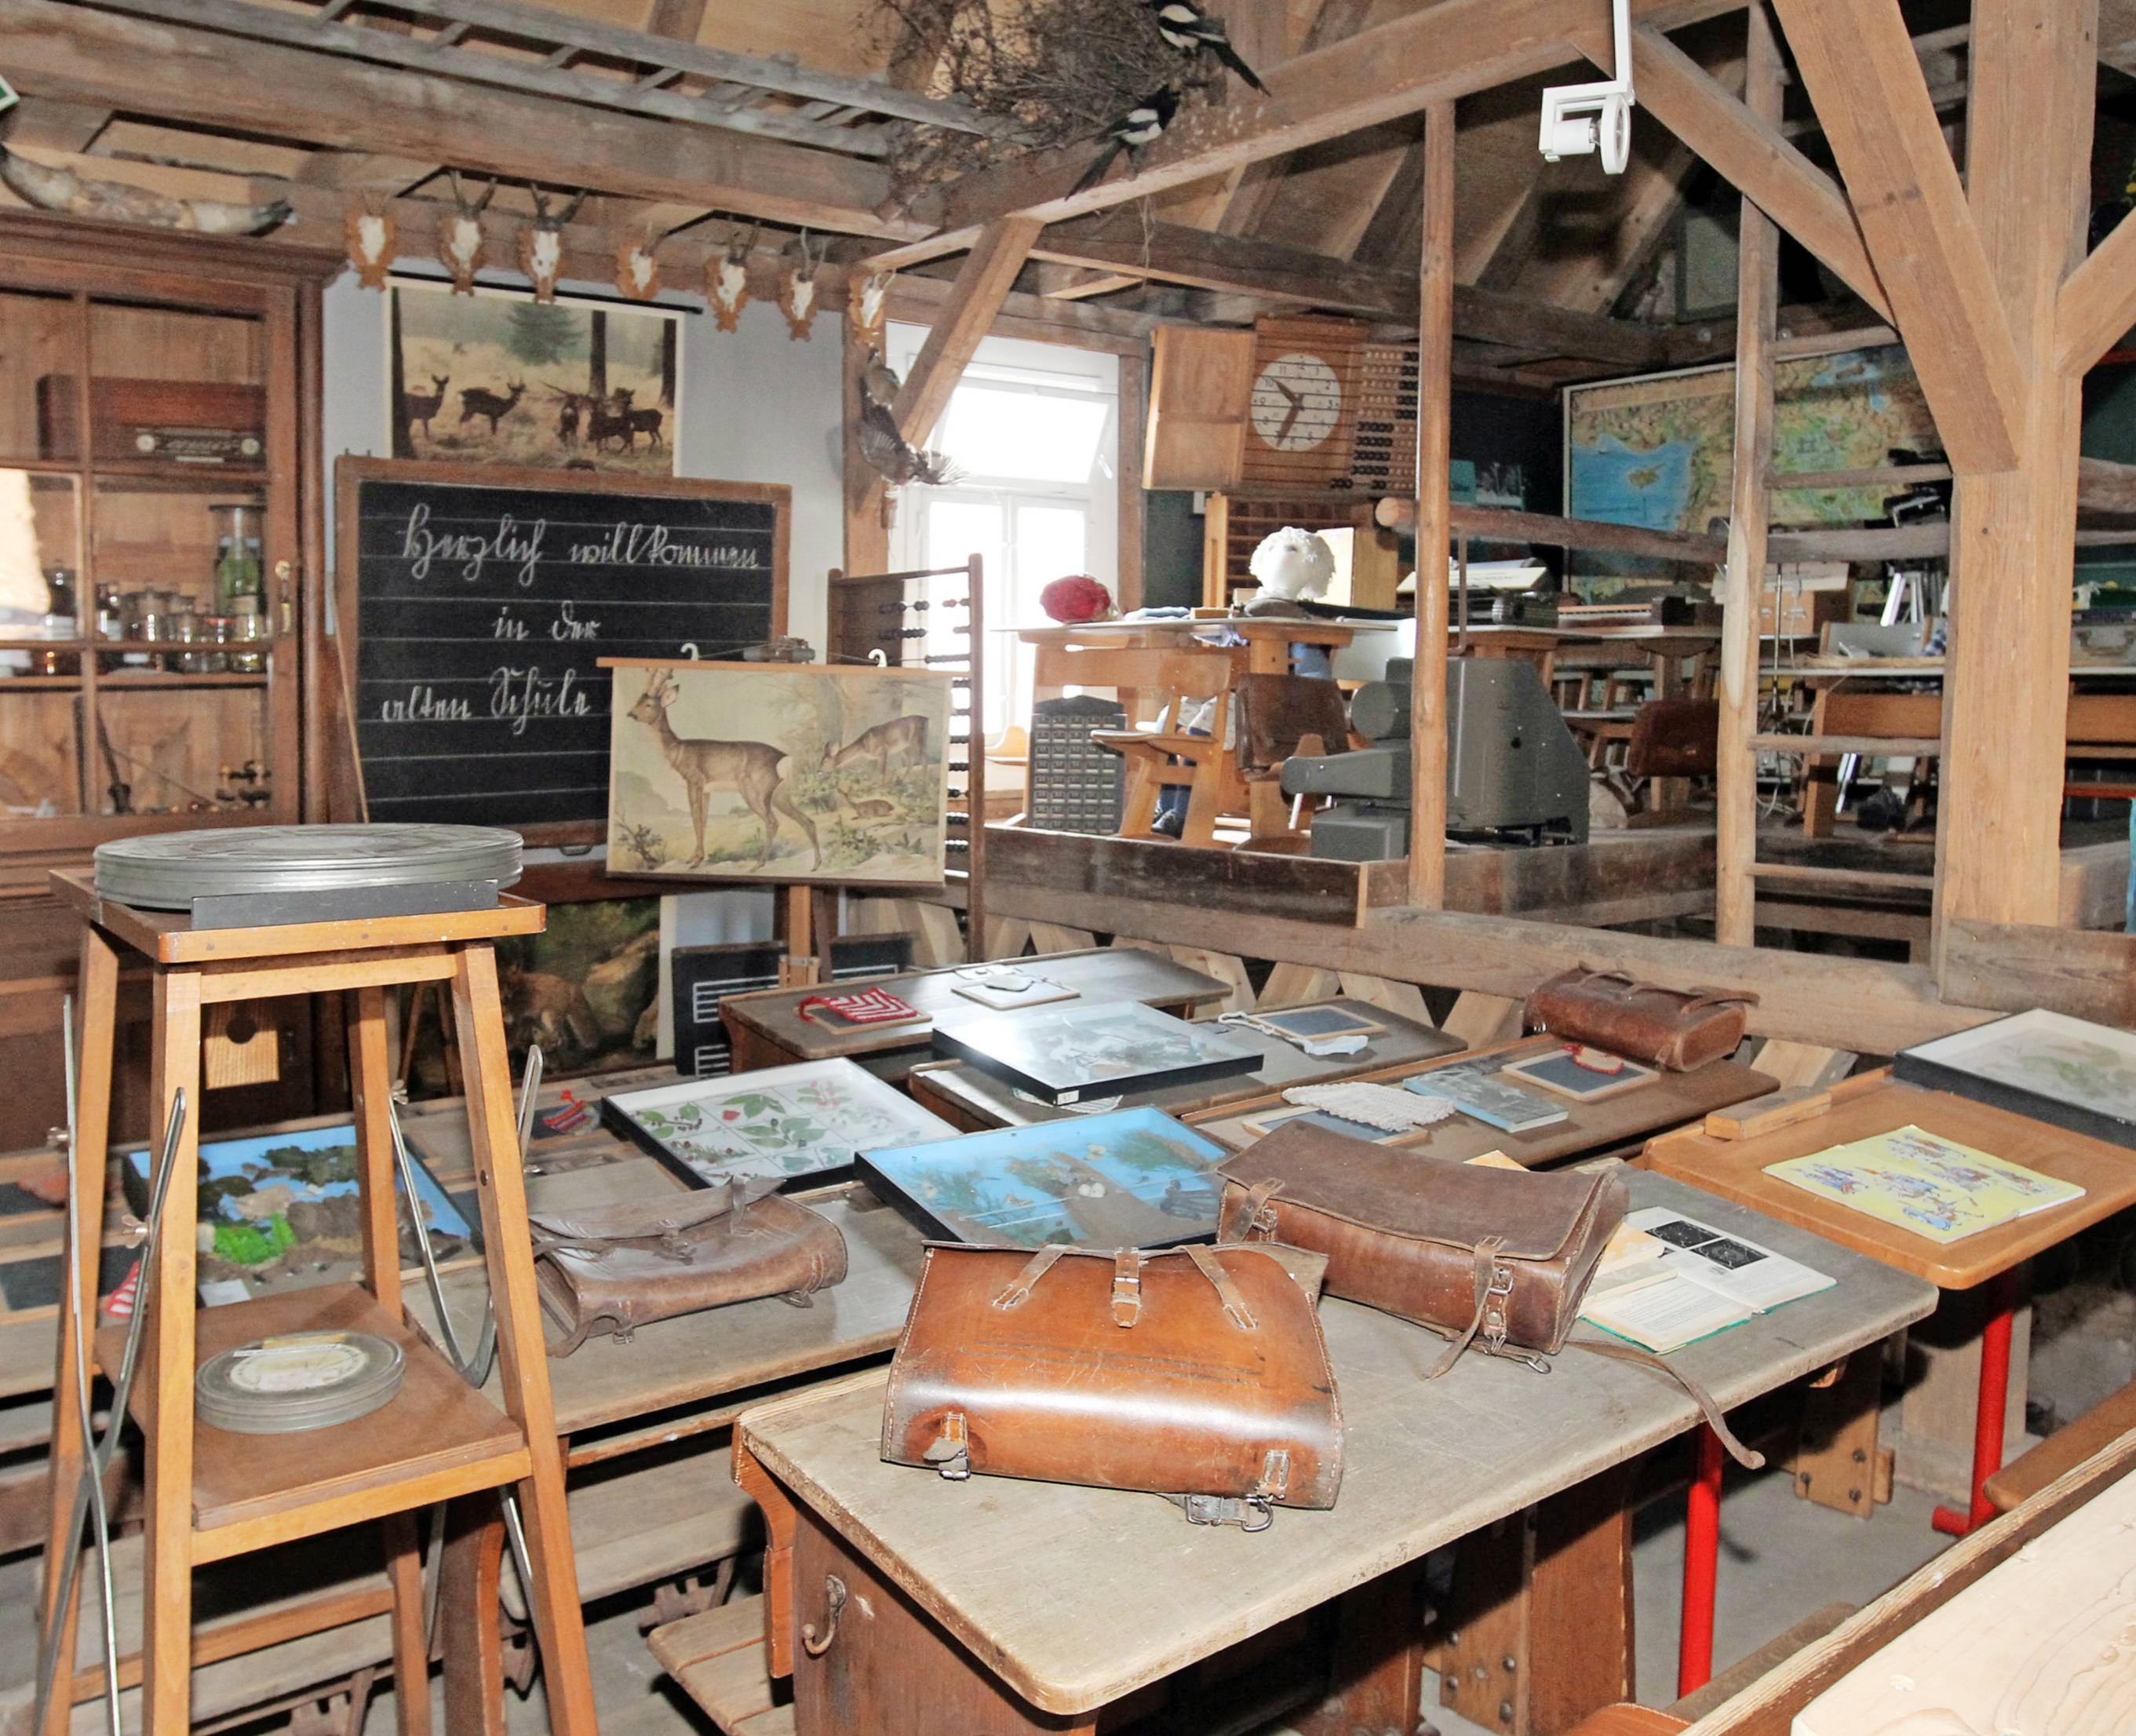 So war es damals: Im Schul- und Spielzeugmuseum Obersulm-Weiler lässt sich die Dorfschule vor 100 Jahren live erleben. Foto: Archiv/Veigel